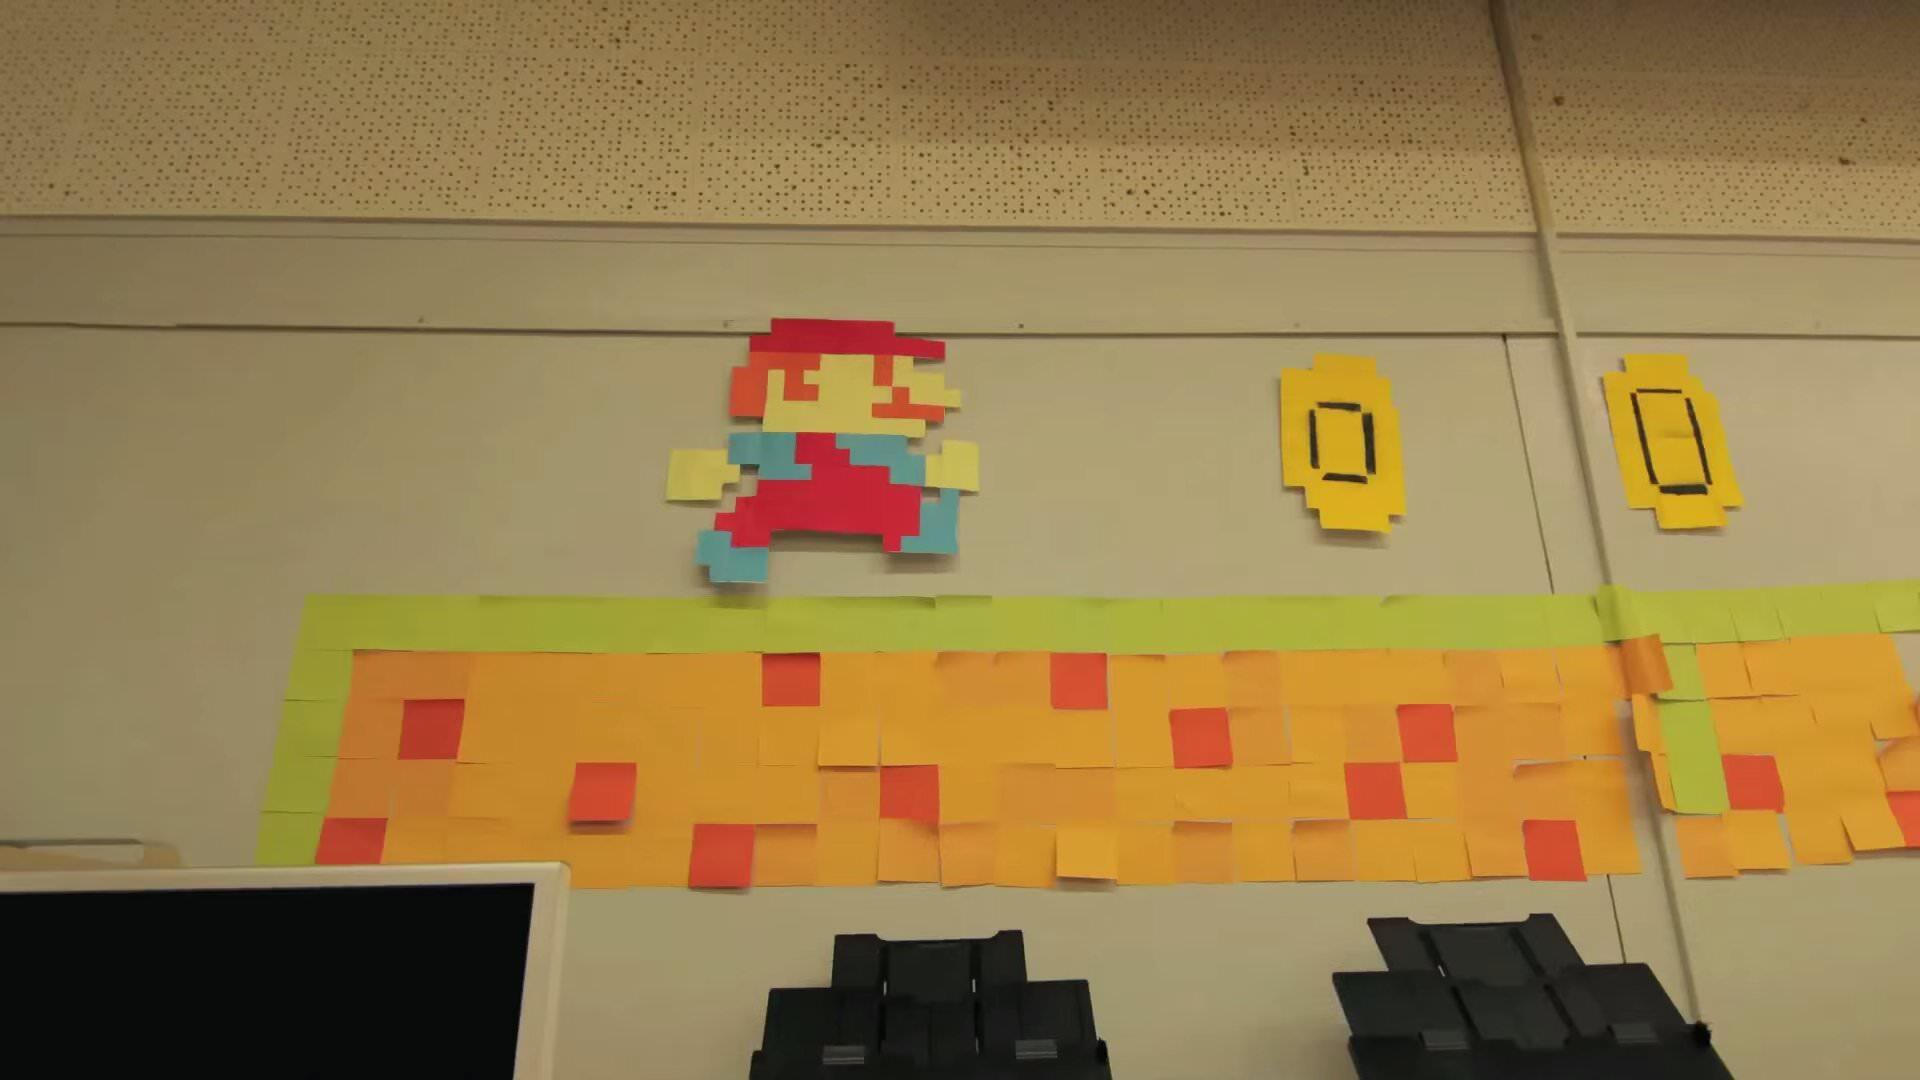 Zack Kingのストップモーションアニメーション:Mario – Post It Life